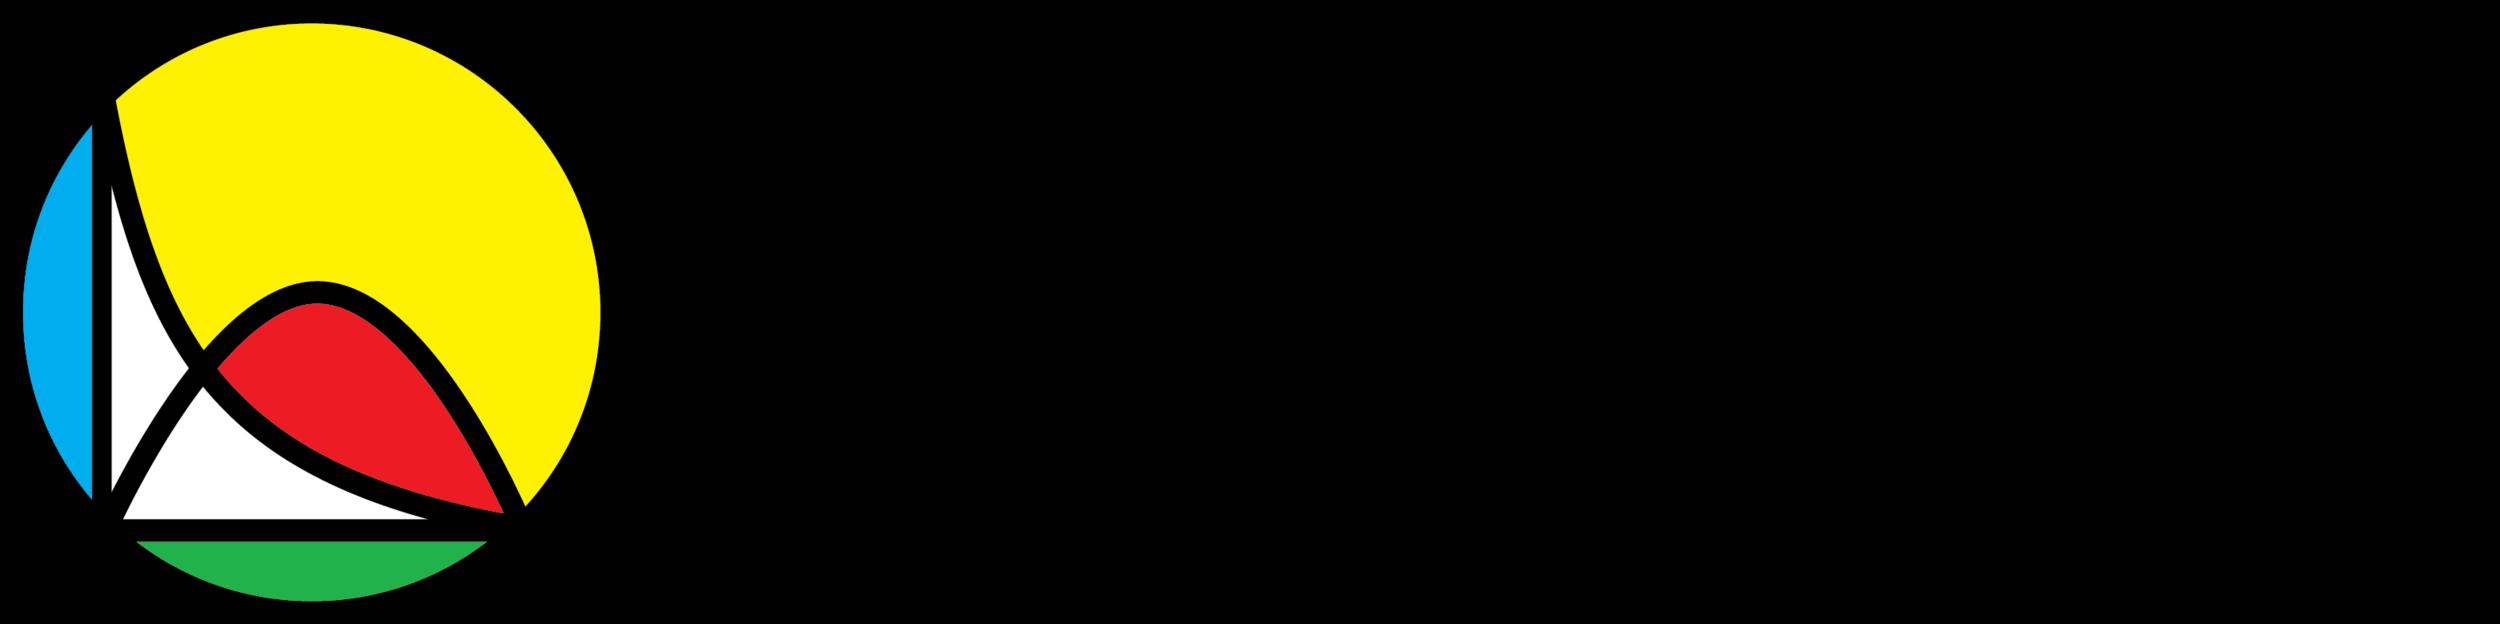 JRMF®-Logo.png